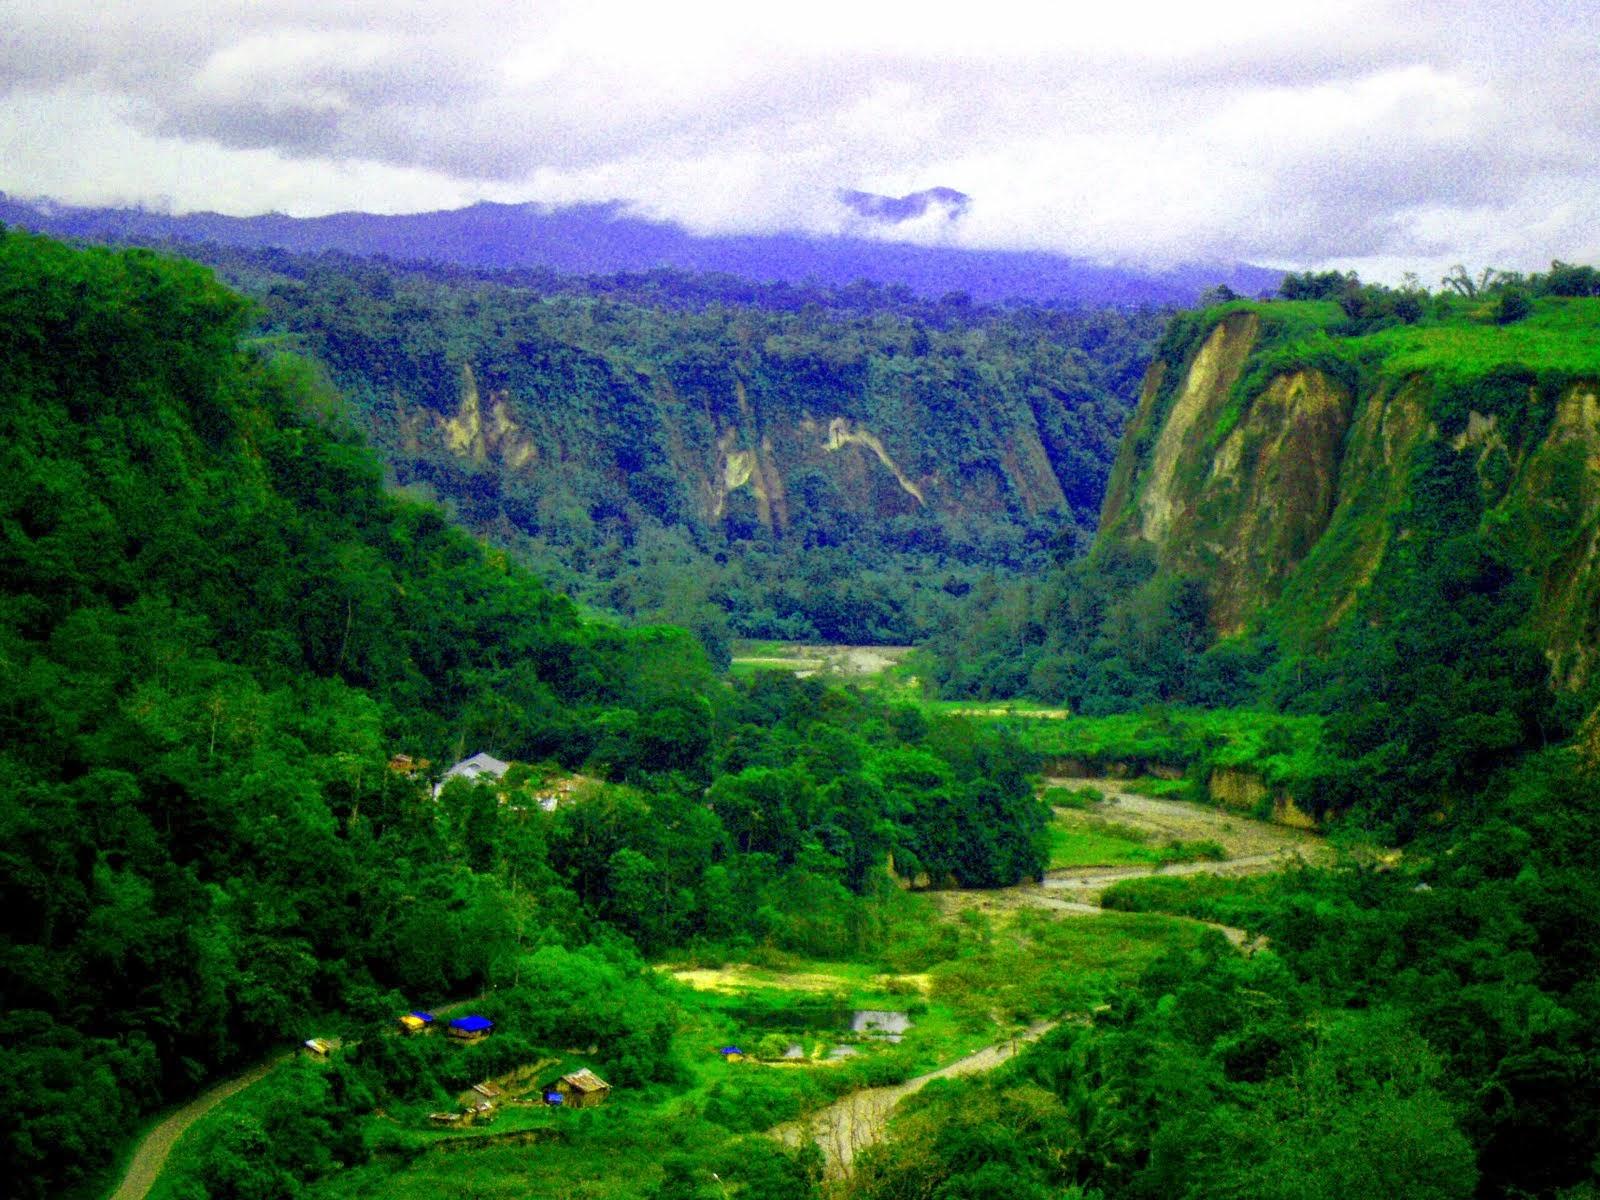 Tempat Wisata di Sumatra Barat, Keindahan Alam dan Sejarah Jadi Satu